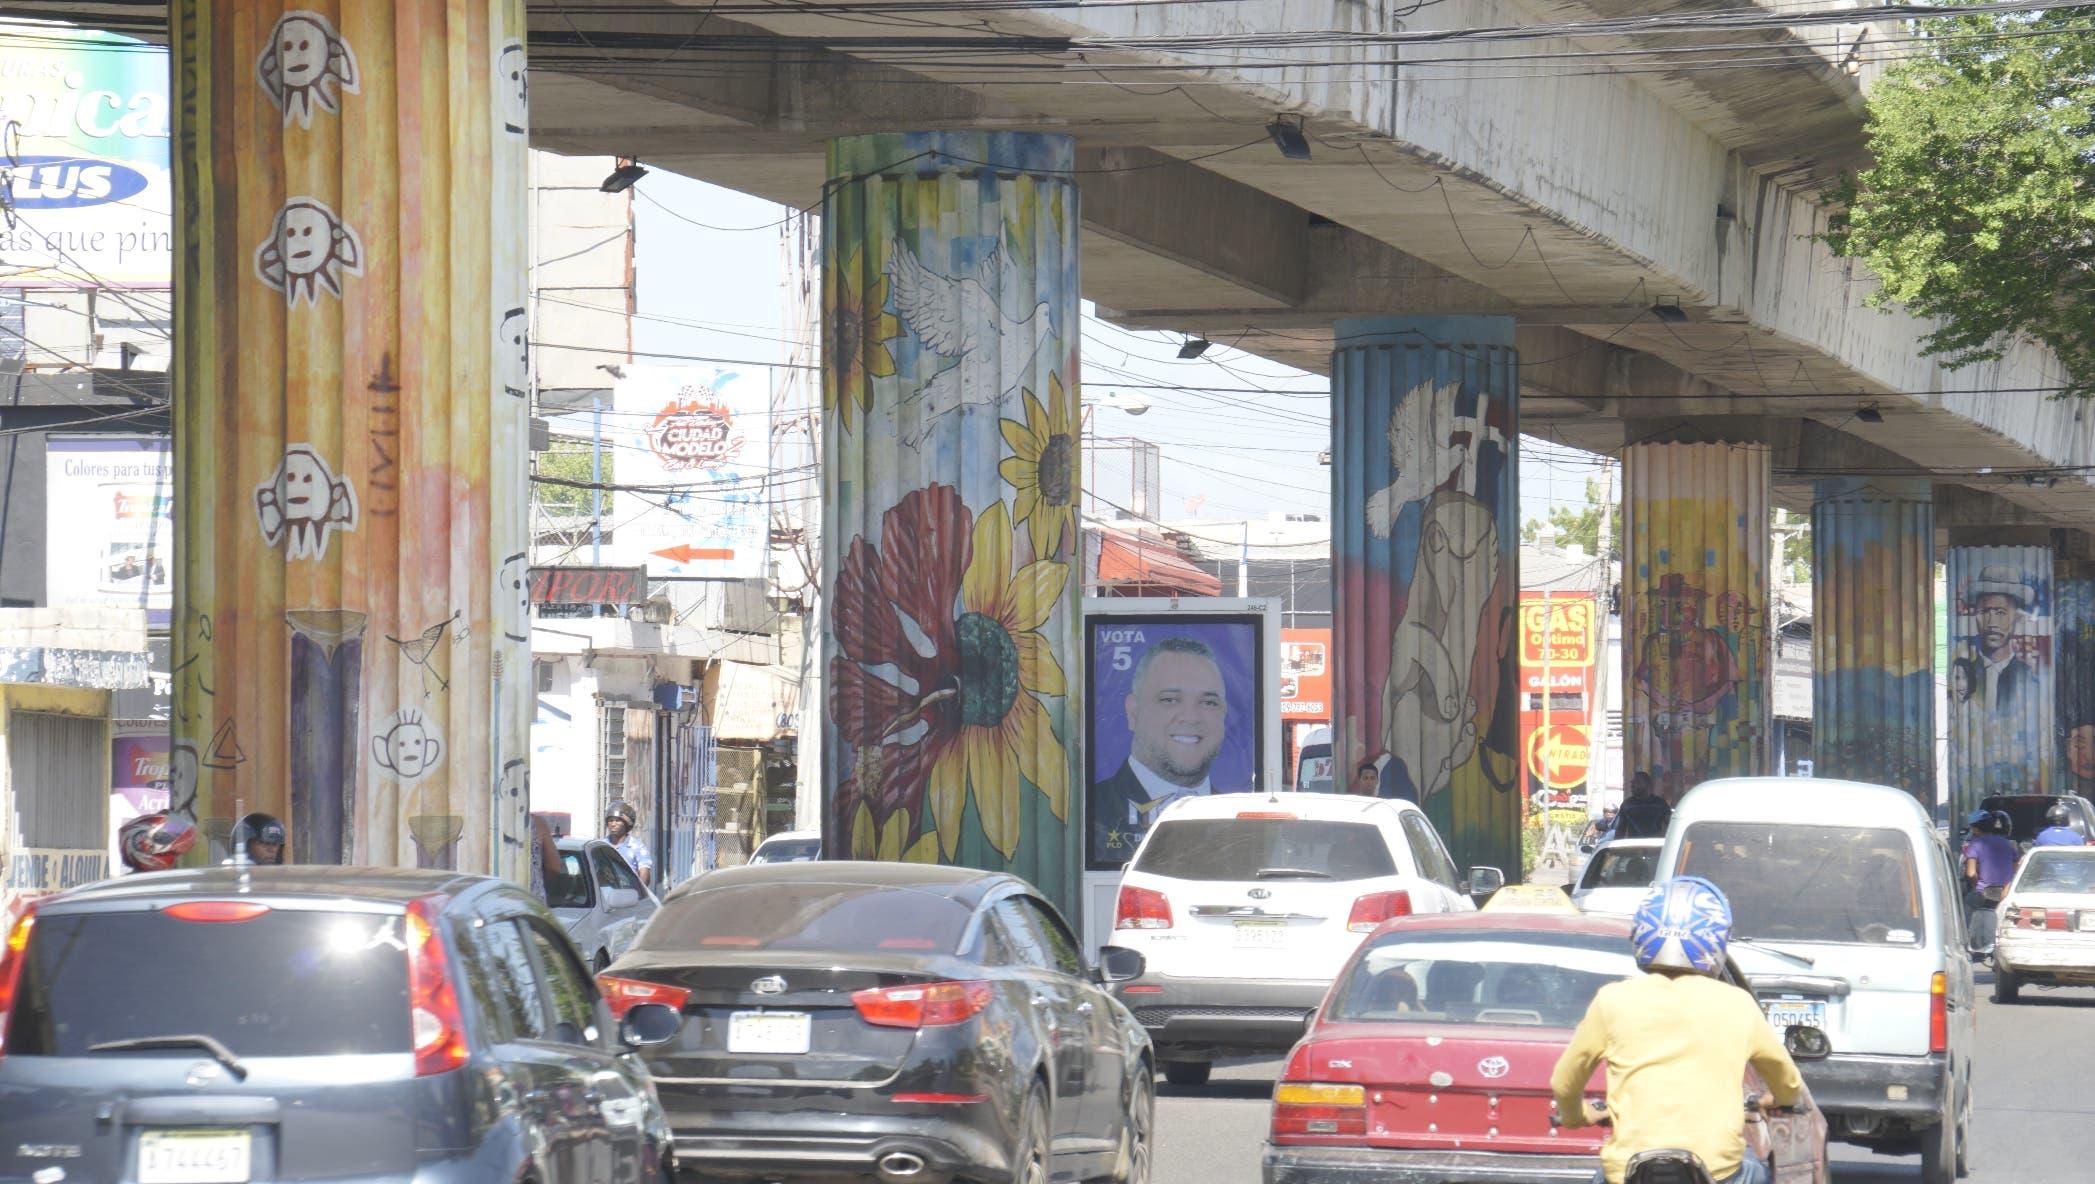 Las columnas del Metro han sido convertidas en murales que acentúan la riqueza cultural de V illa Mella y que se confunden con el caos del tránsito.  Elieser Tapia